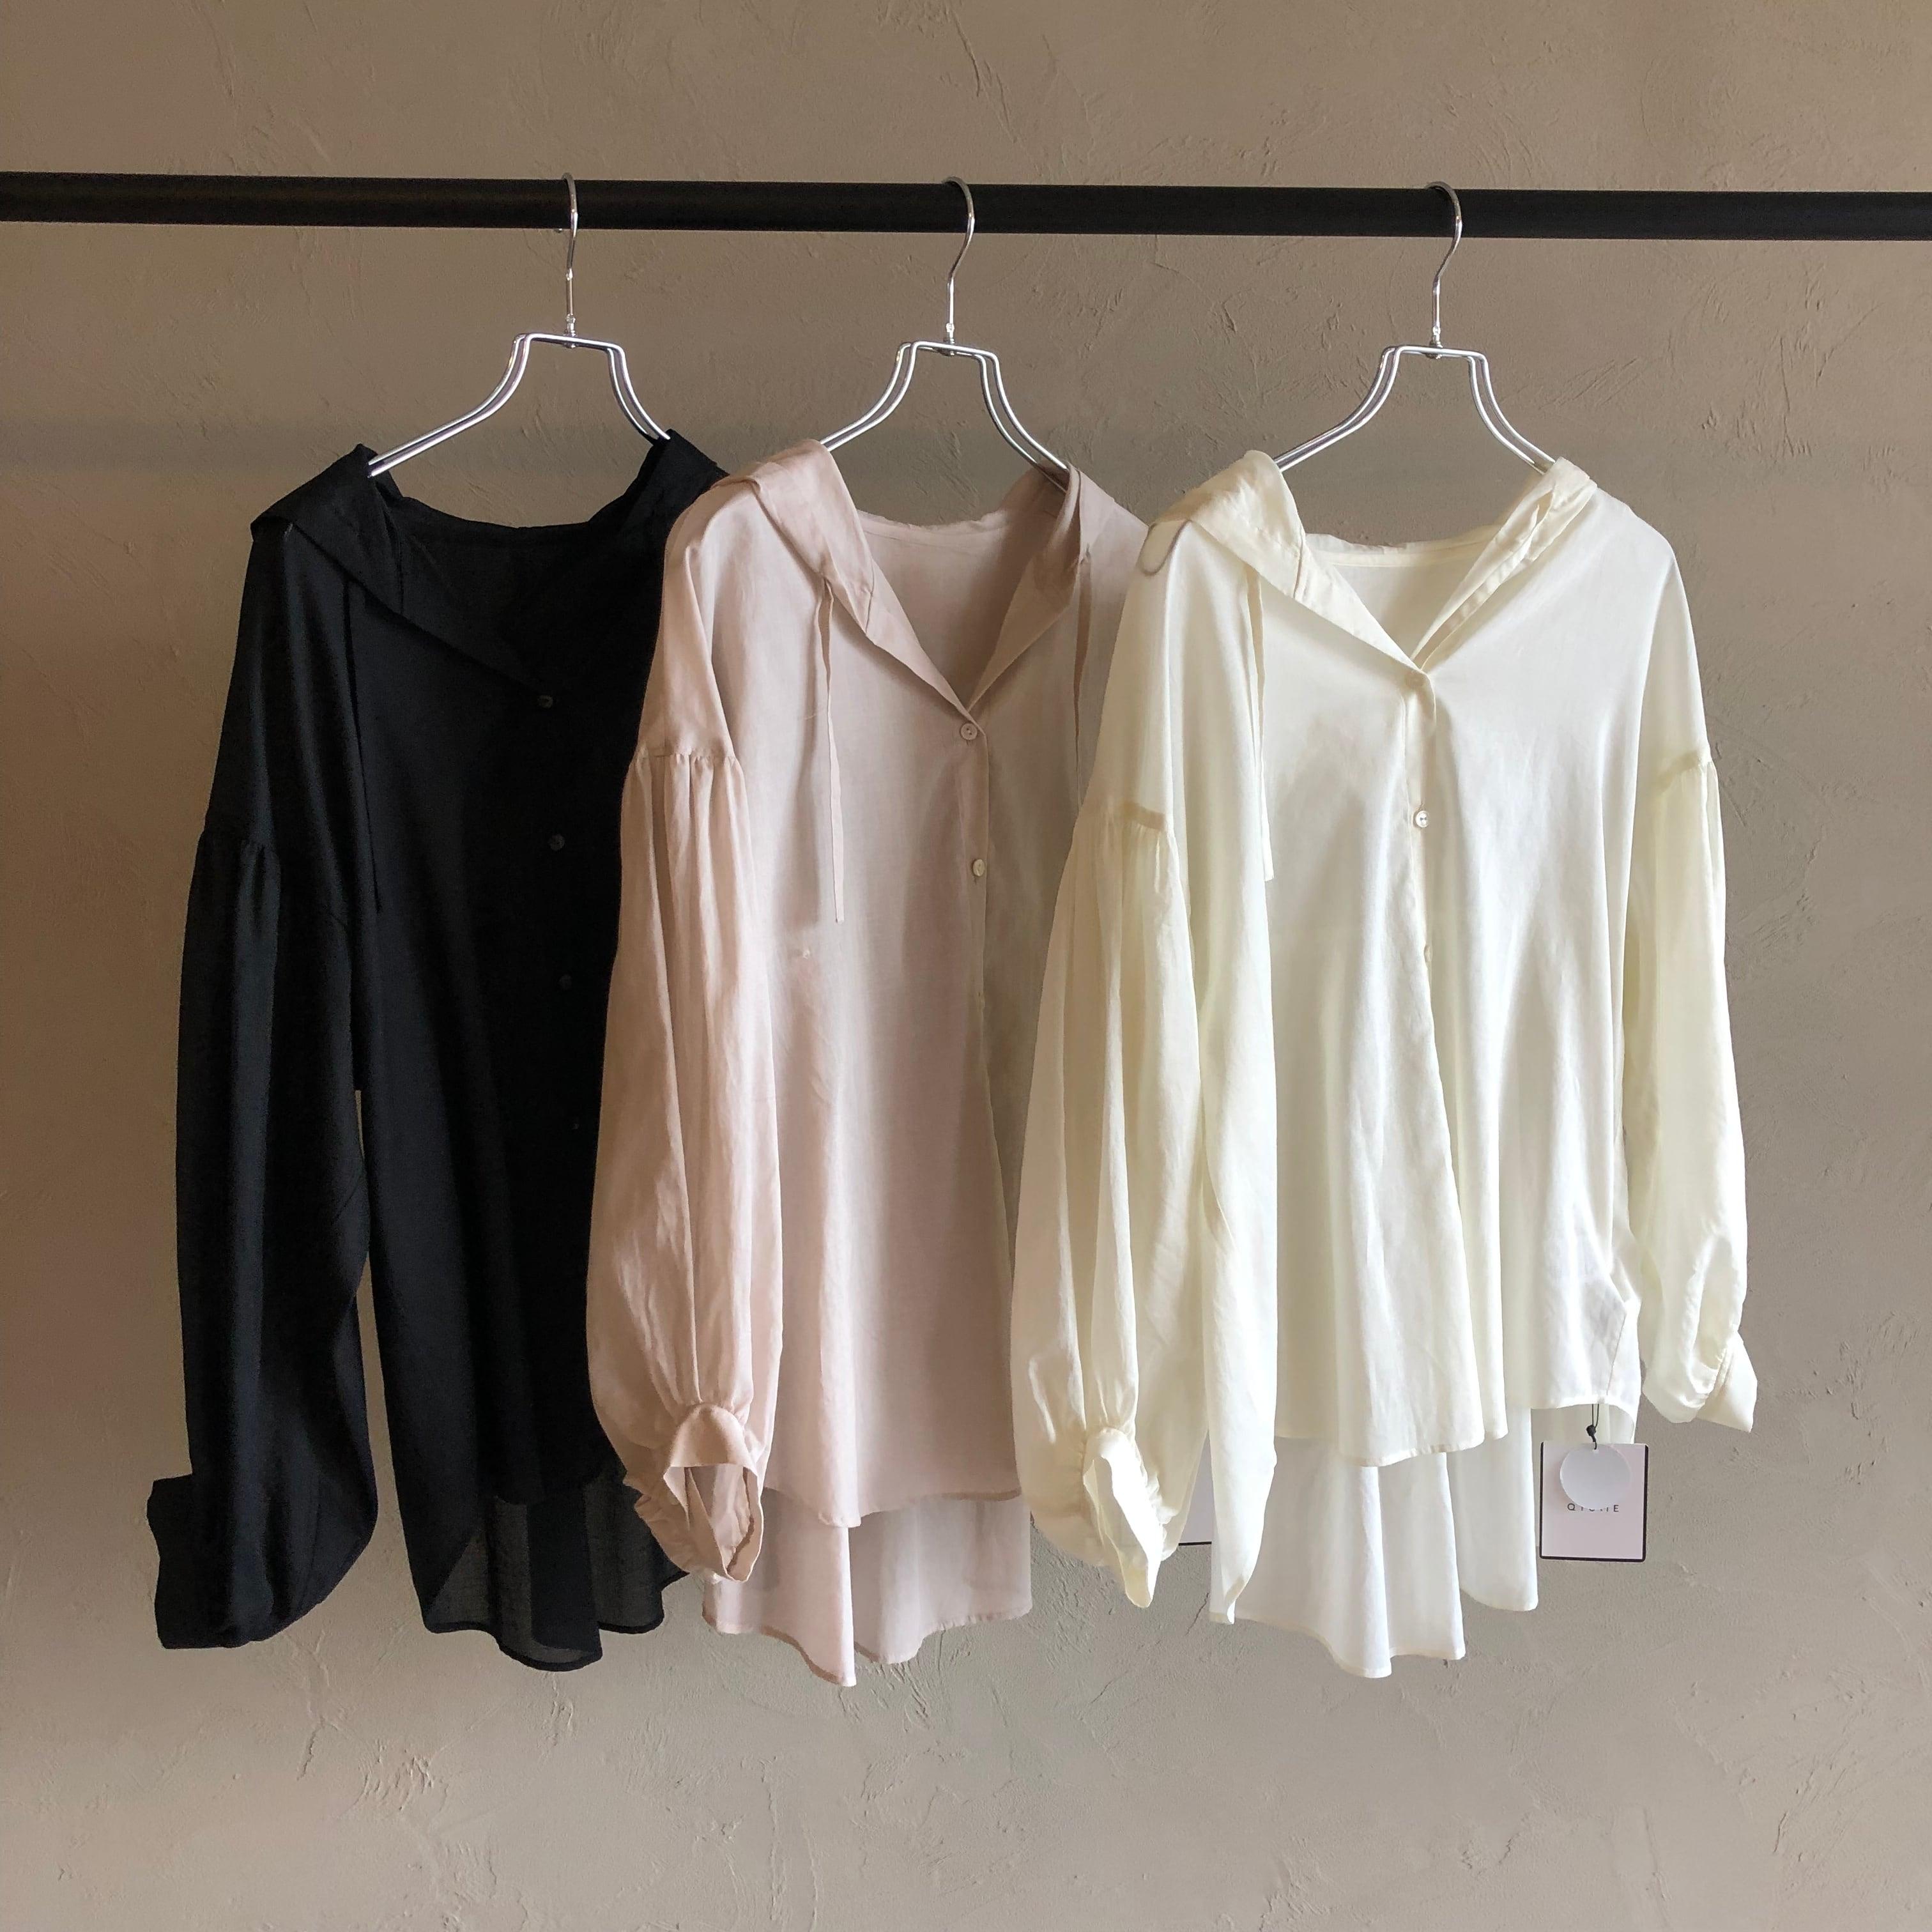 【 QTUME 】- 110-24040 - パーカーライクシャツ